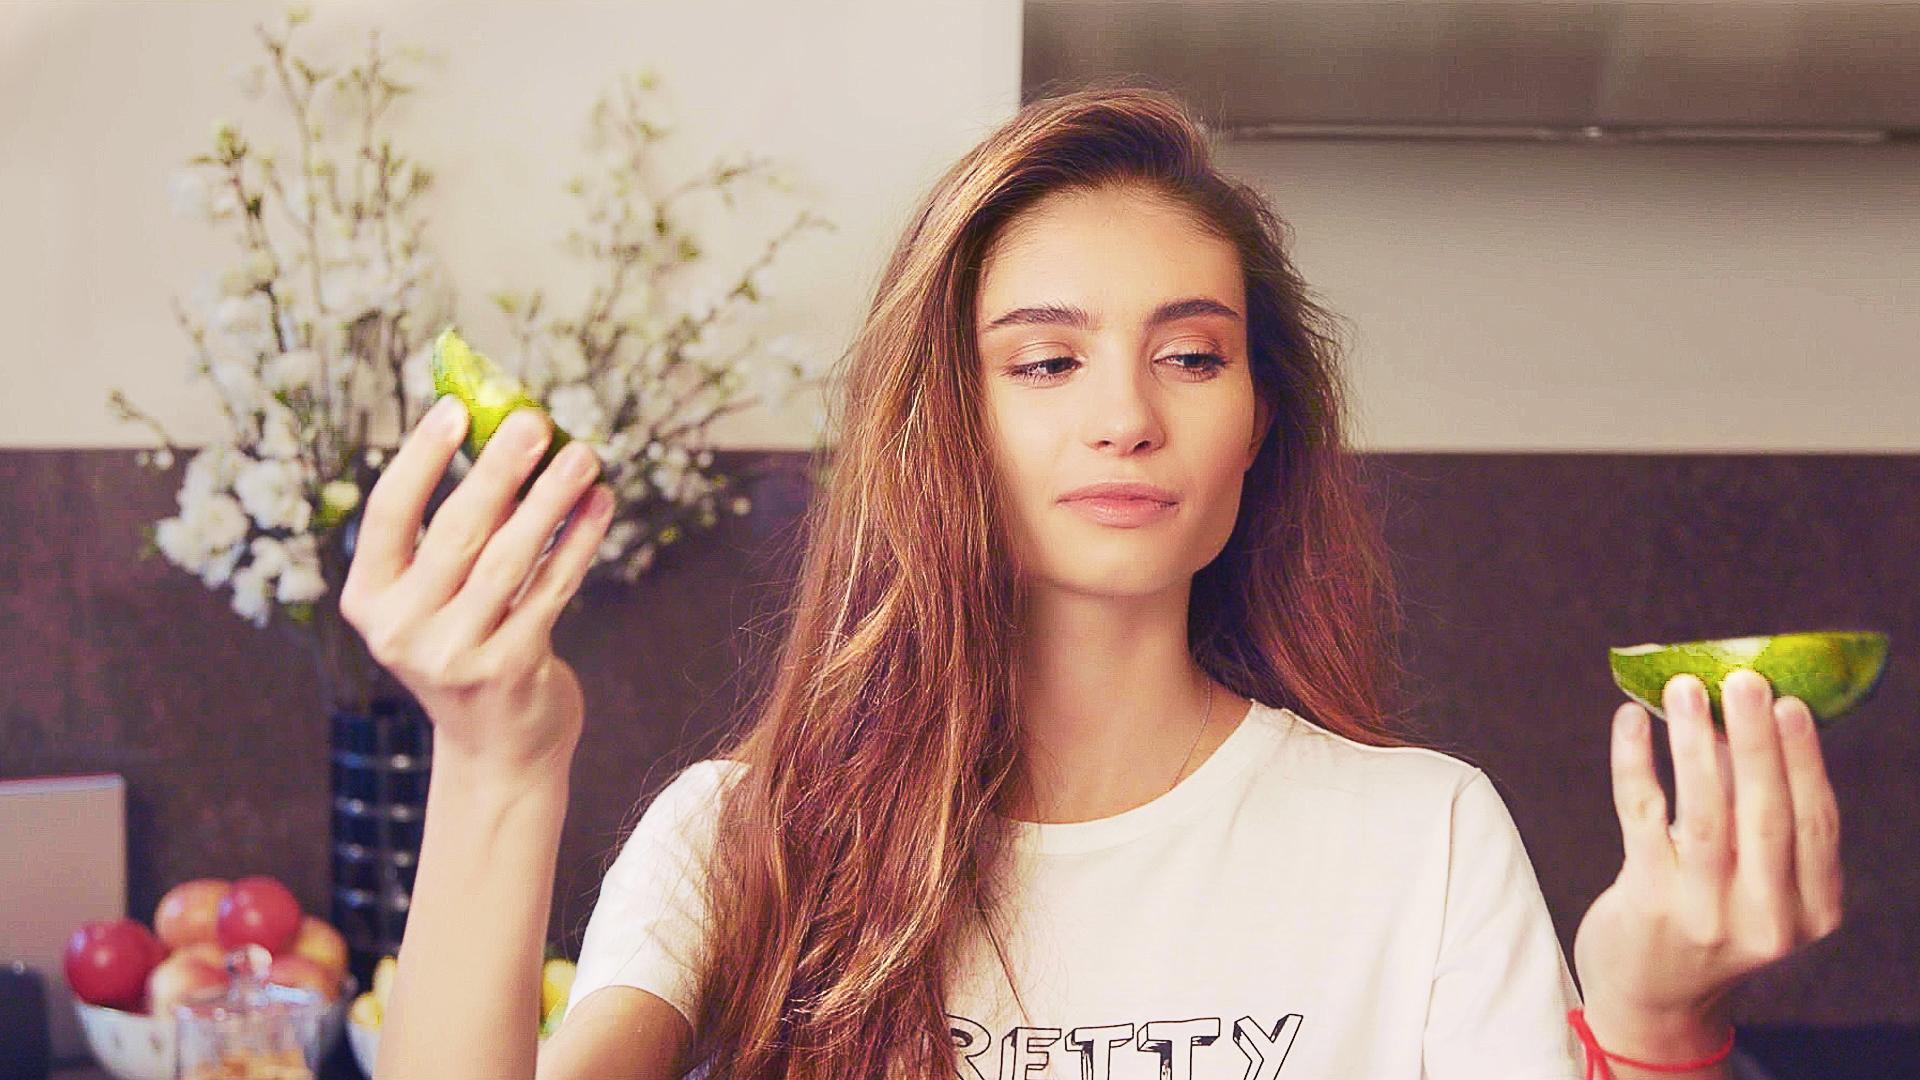 Как приготовить легкий белковый завтрак? Три простых рецепта от Sportchic